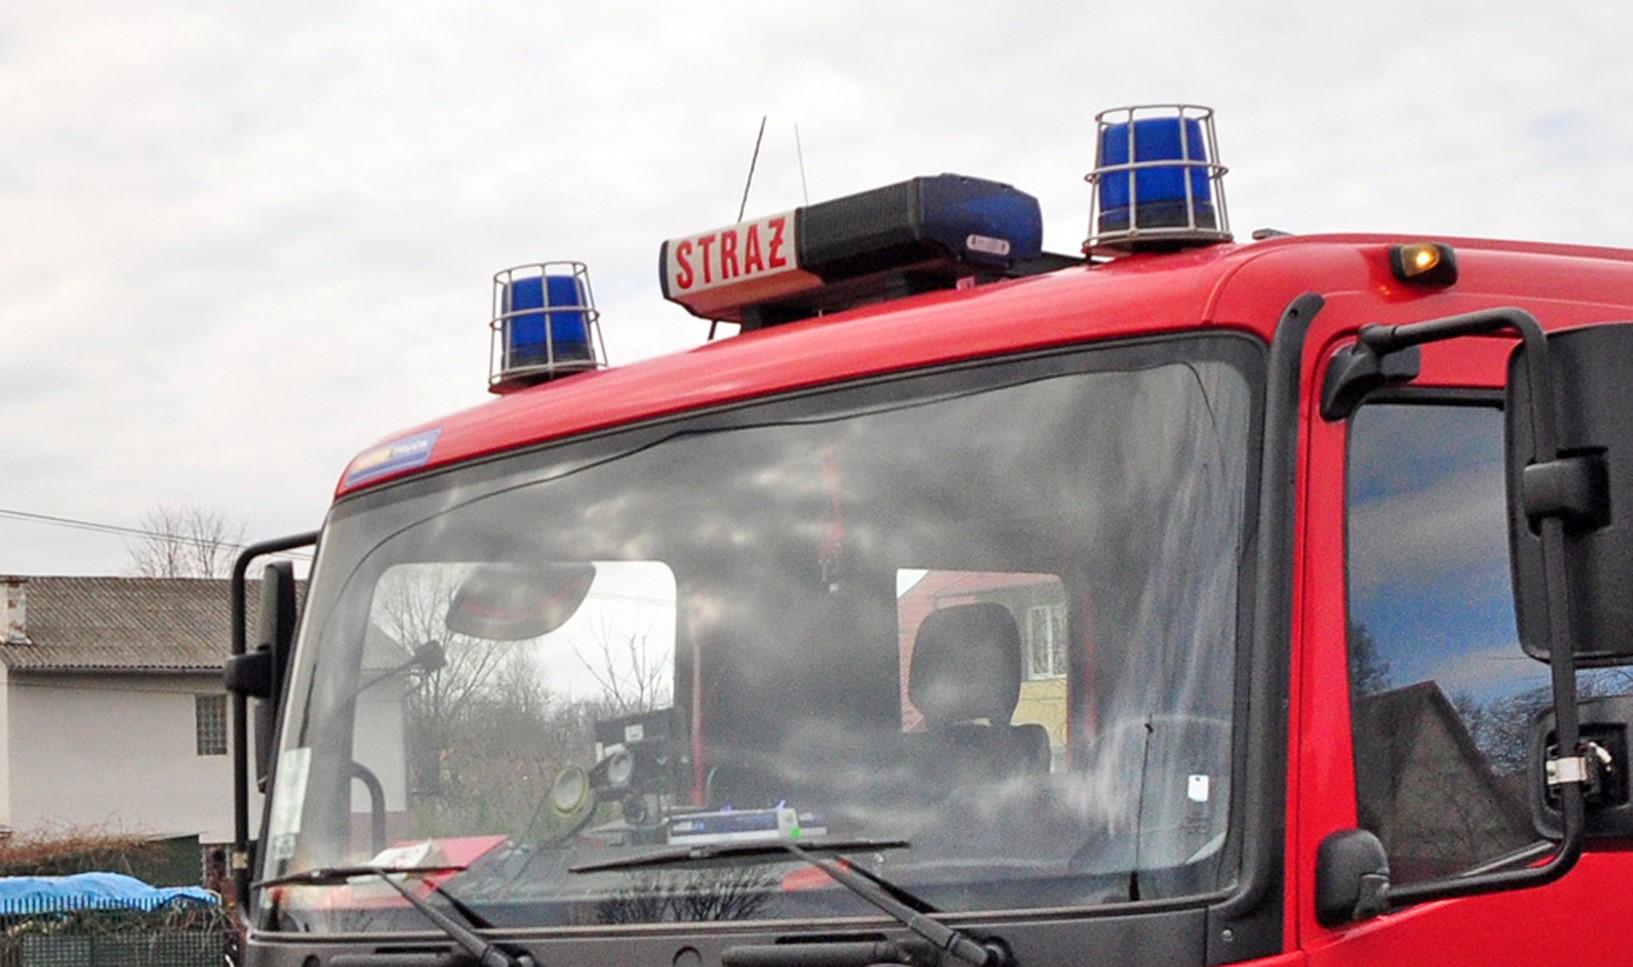 Wybuchł pożar w kotłowni domu. Na miejsce pojechali strażacy - Zdjęcie główne